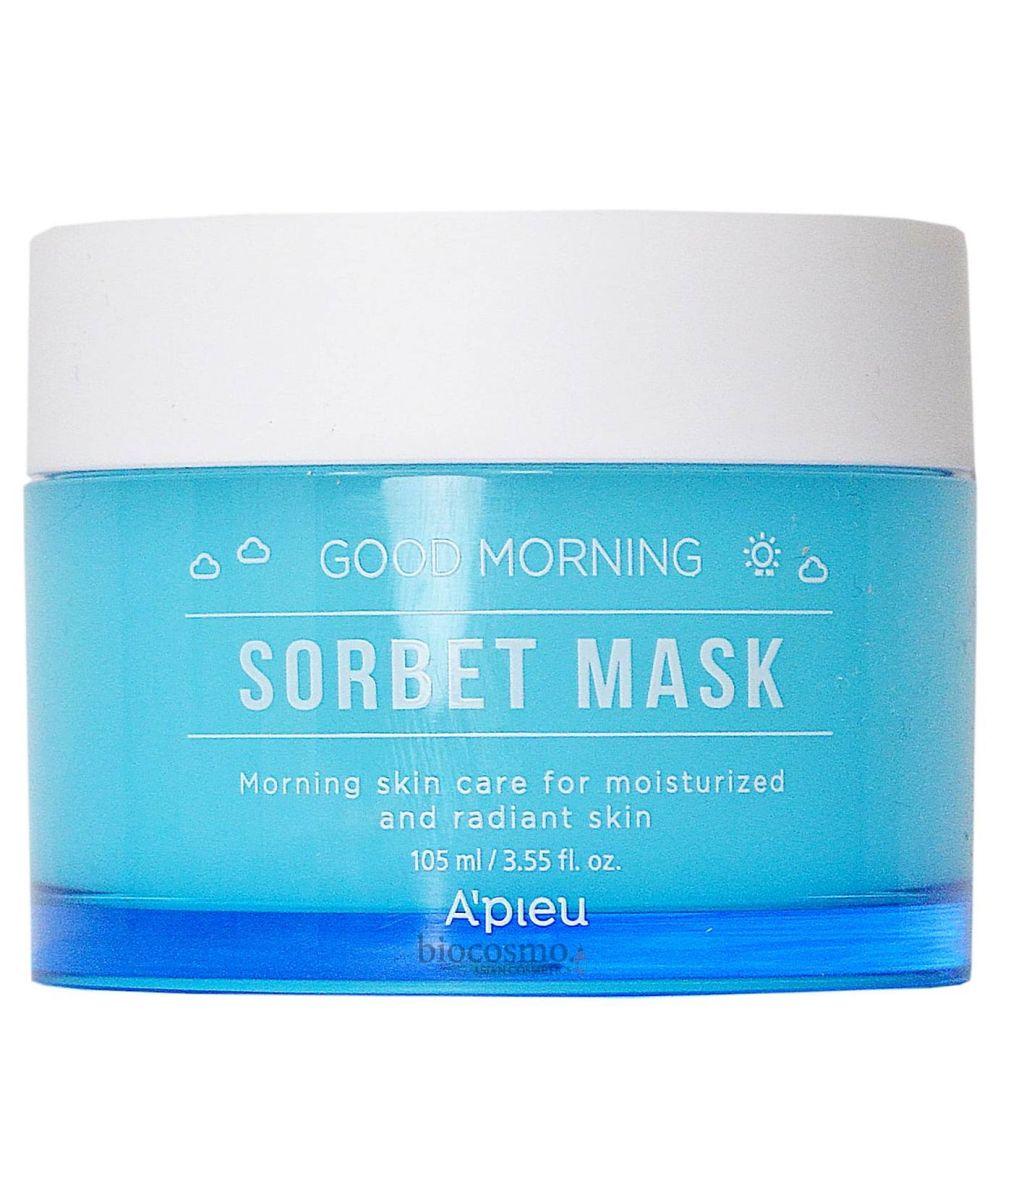 Утренняя увлажняющая маска-сорбет для лица A'Pieu Good Morning Sorbet Mask - 110 мл